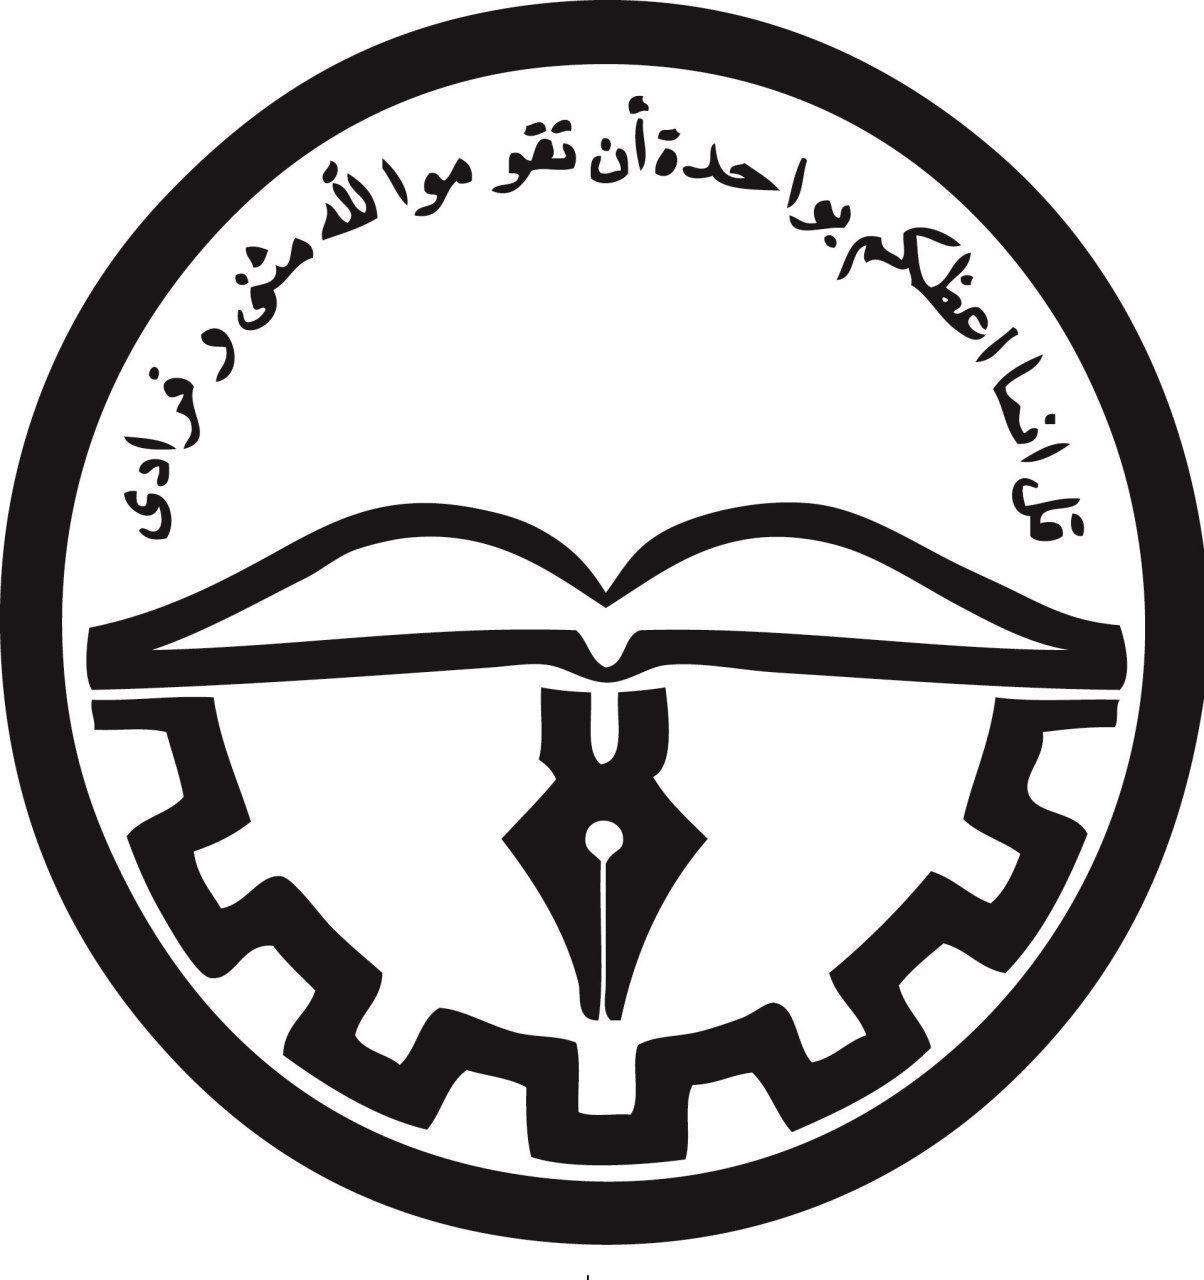 محمد صالح سلطانی دبیر انجمن اسلامی دانشجویان مستقل دانشگاه شریف شد.